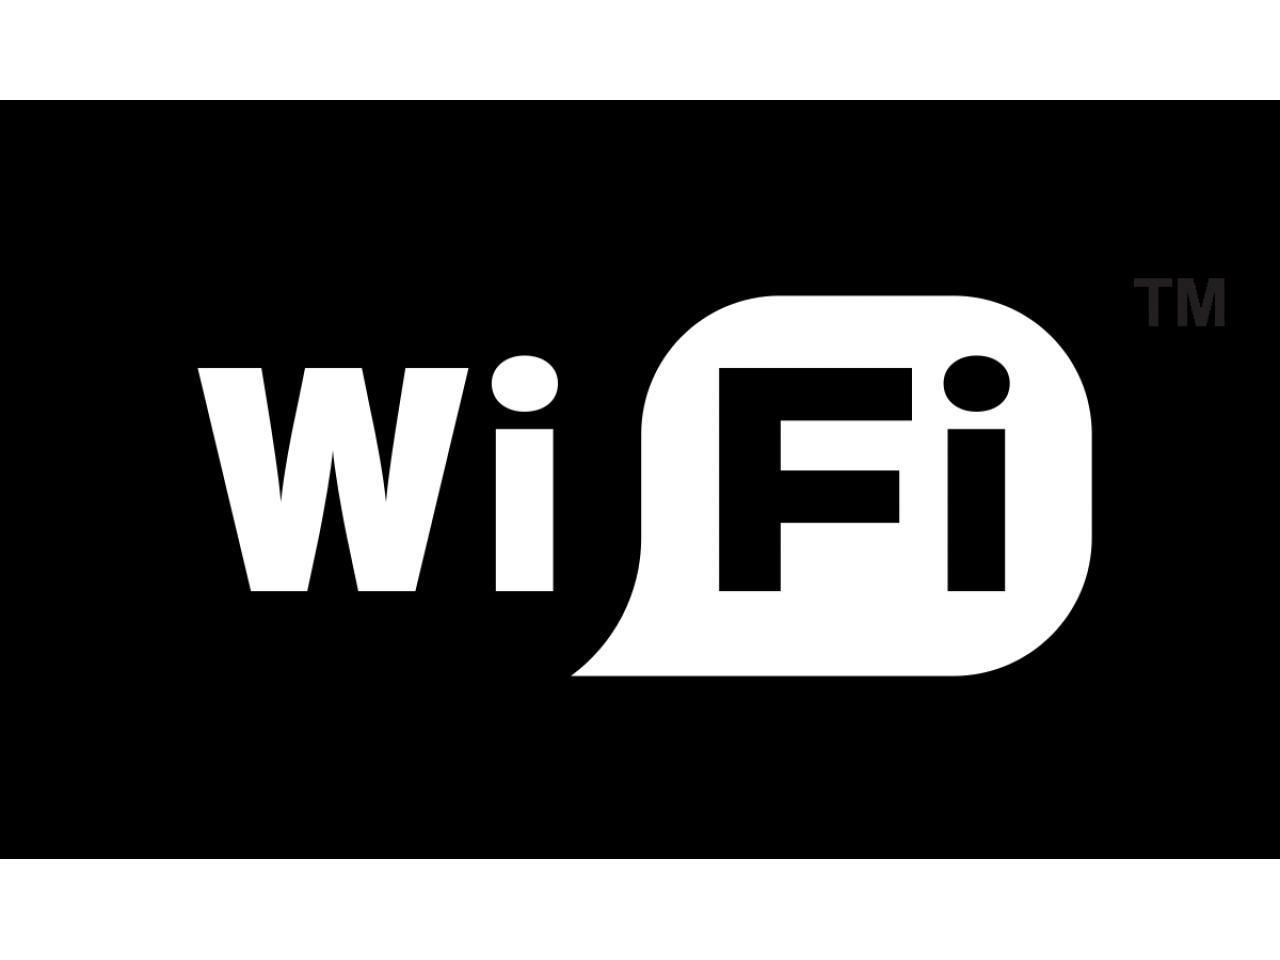 Установка и защита Wi-Fi сетей. - 1